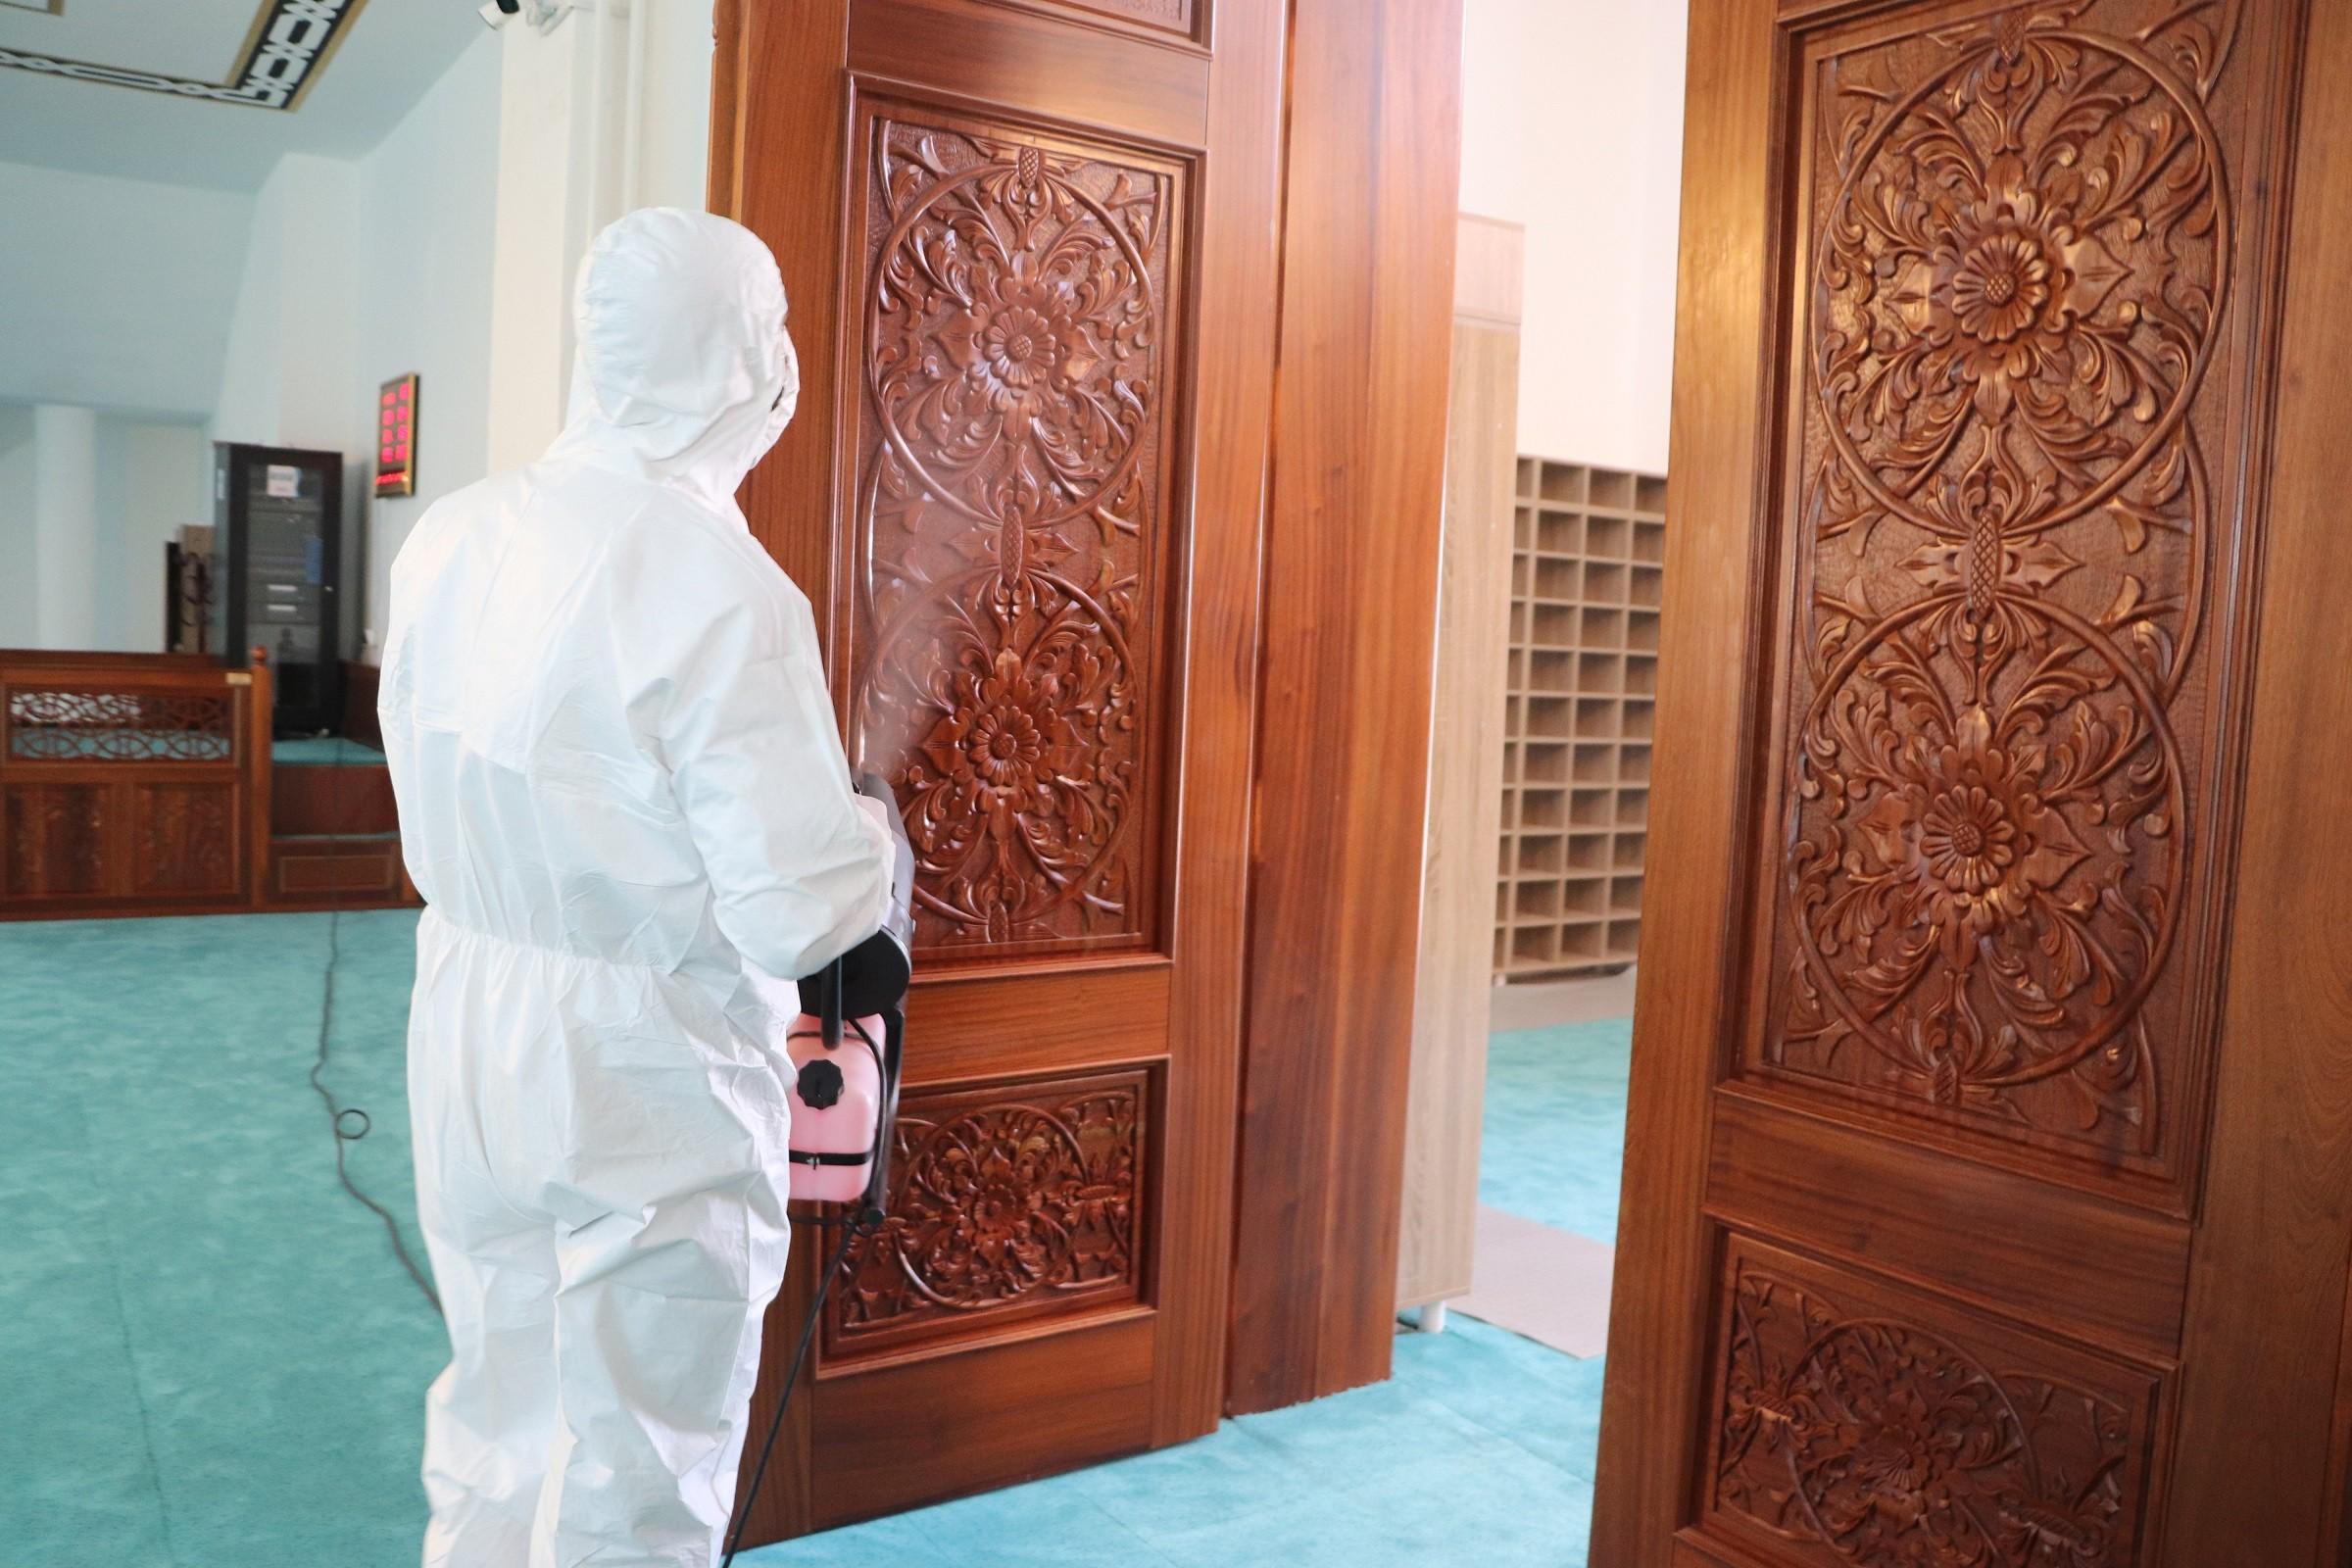 Ağrı Belediyesi ibadete açılacak camileri dezenfekte etmeye başladı